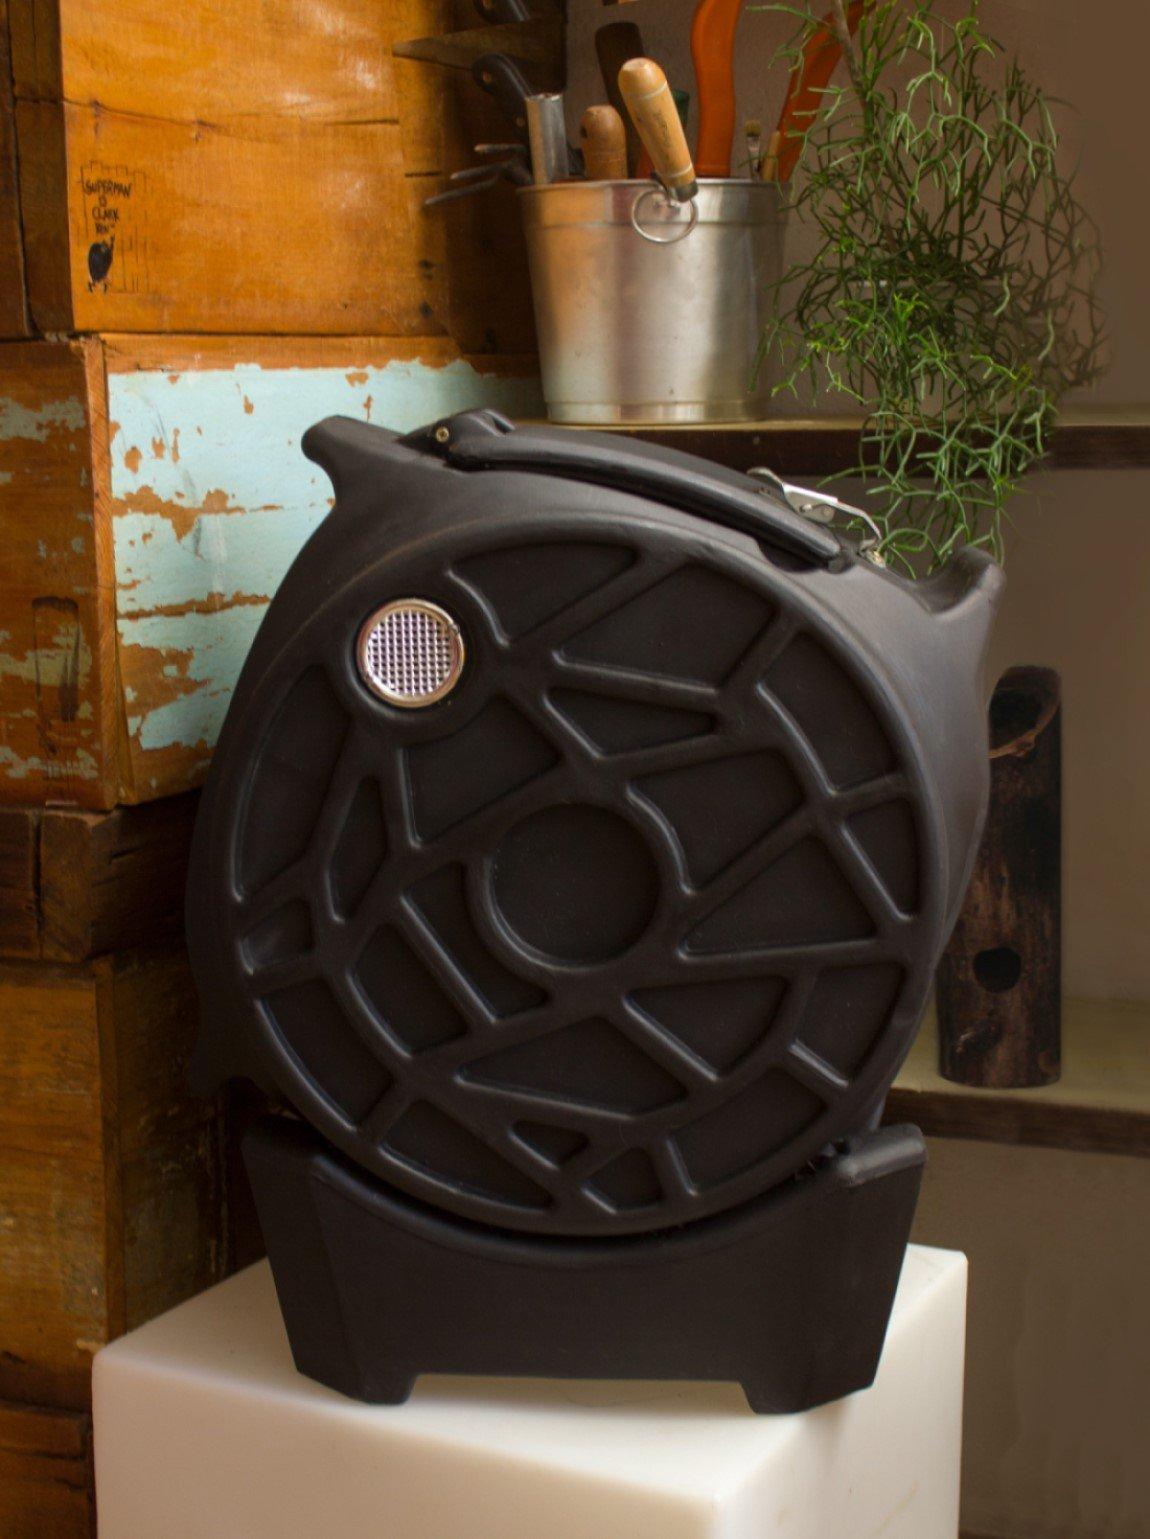 composteira rotativa usare preta interna